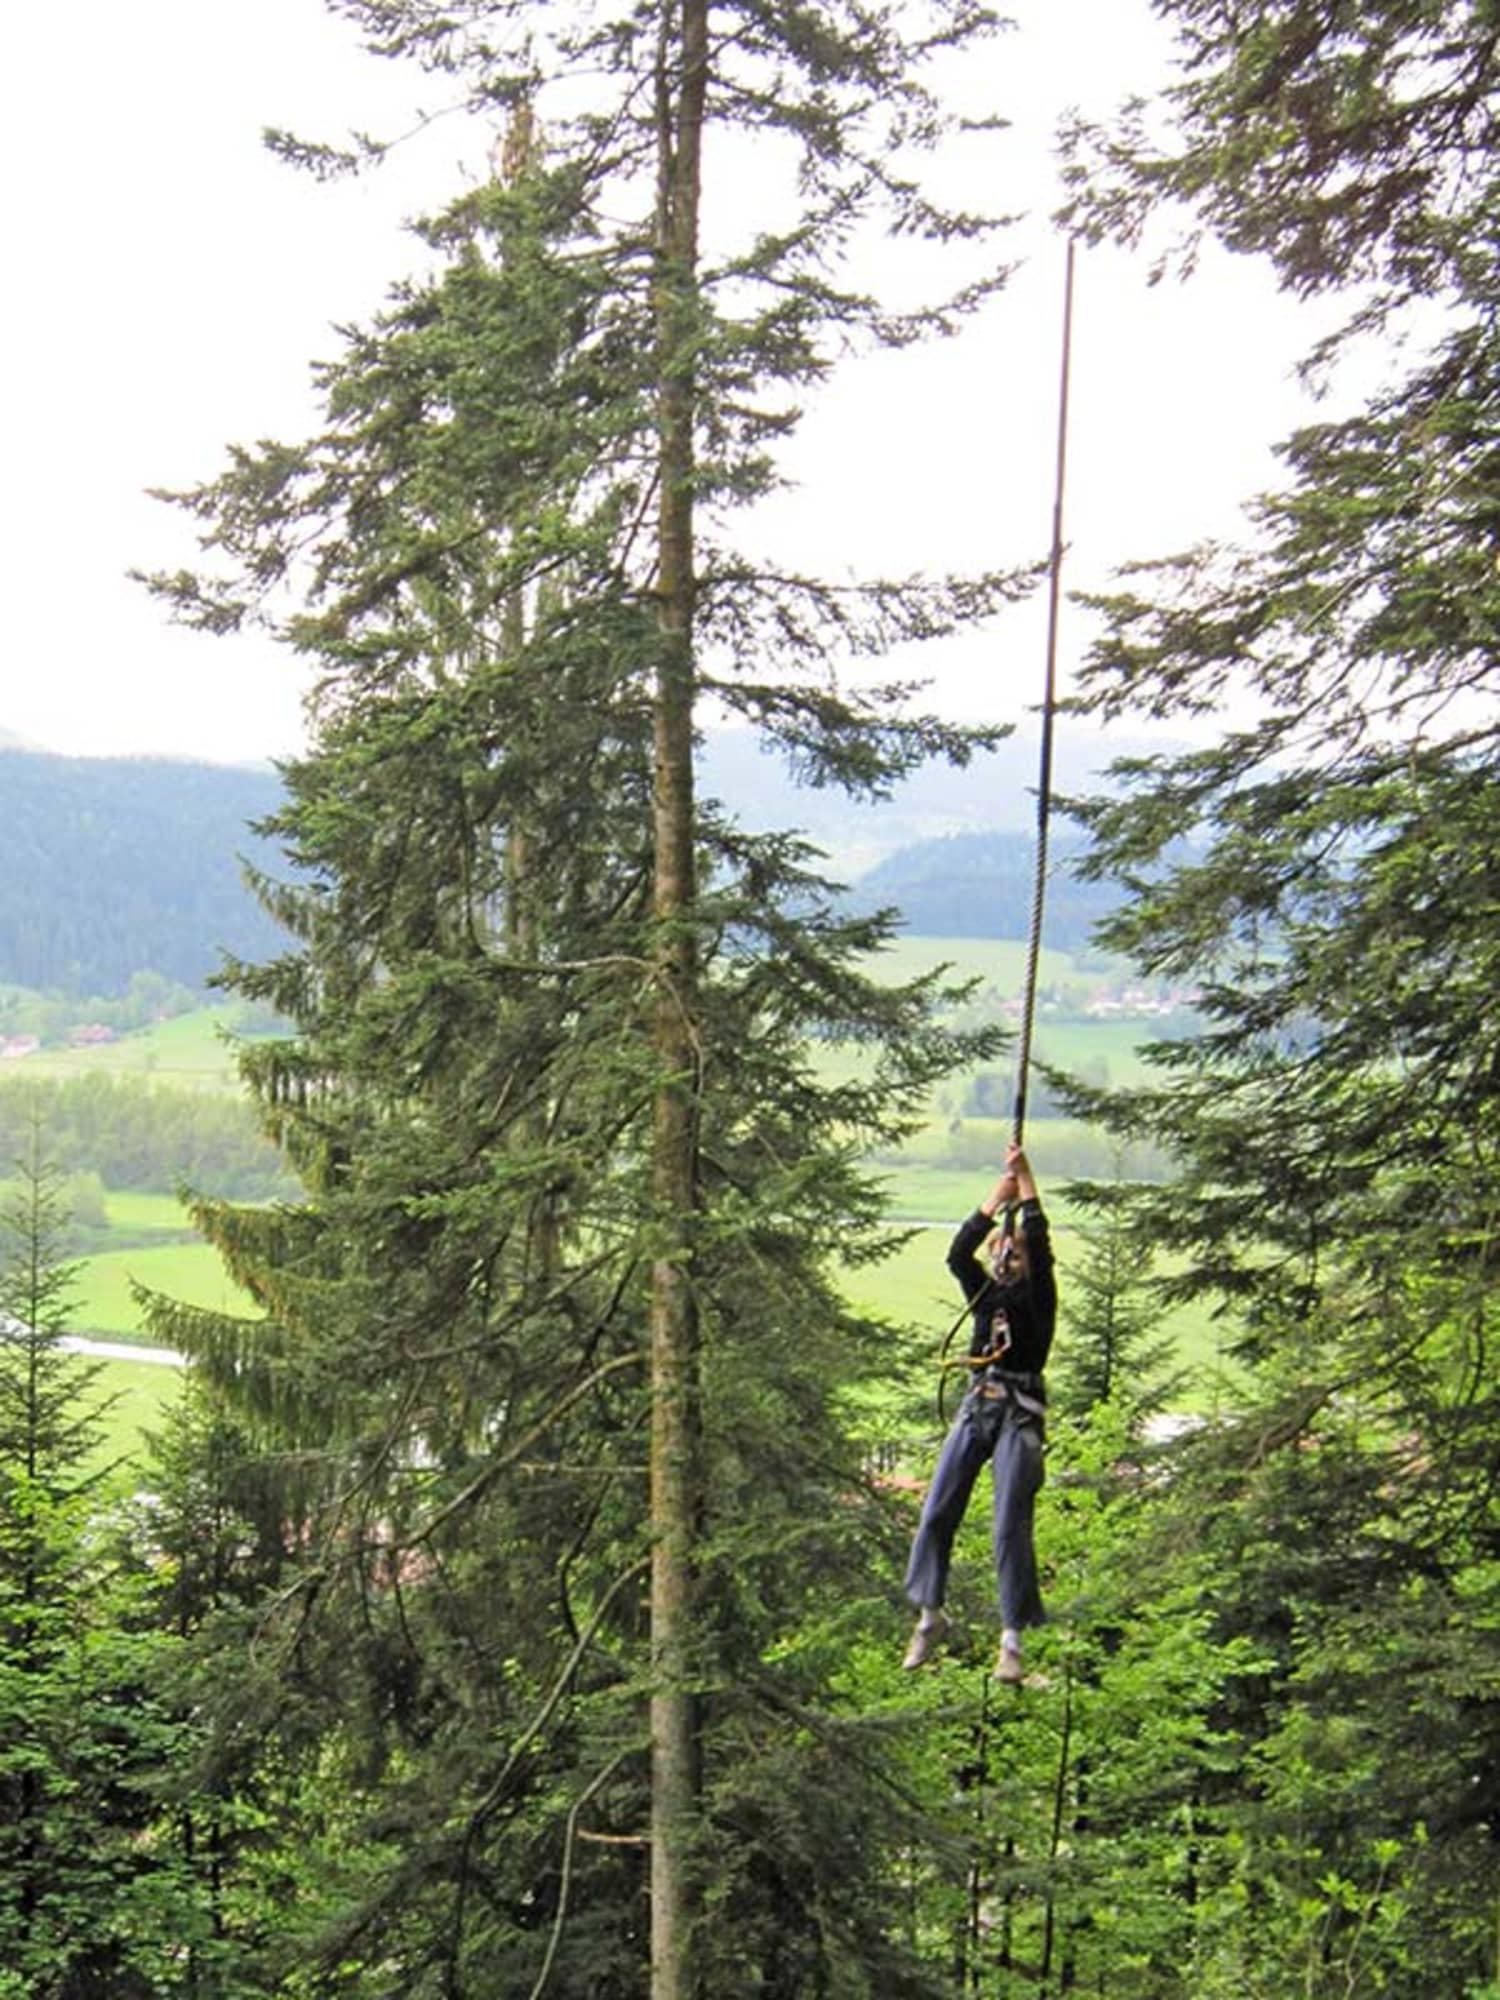 La forêt de l'aventure - Morteau